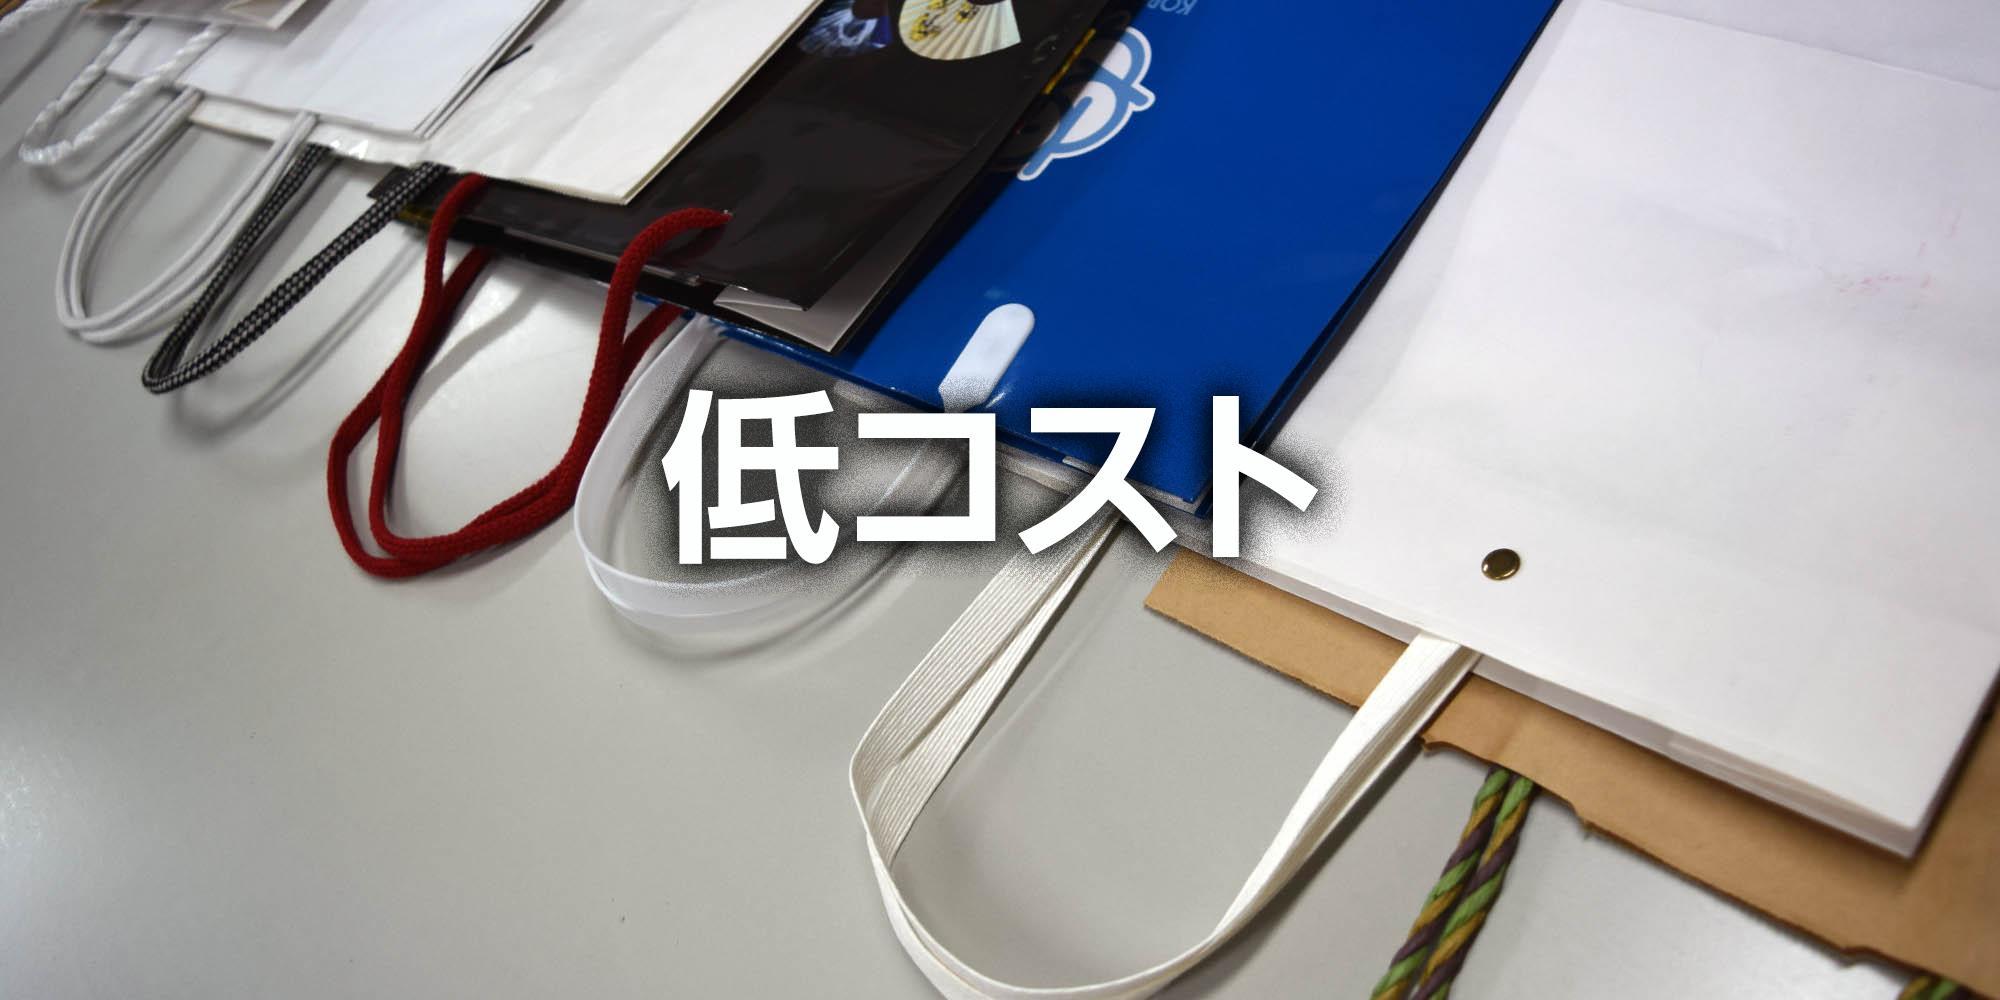 オリジナル紙袋製作の際に選択できる持ち手の種類を詳しく解説!〈その1〉低コスト帯〜ベーシック編